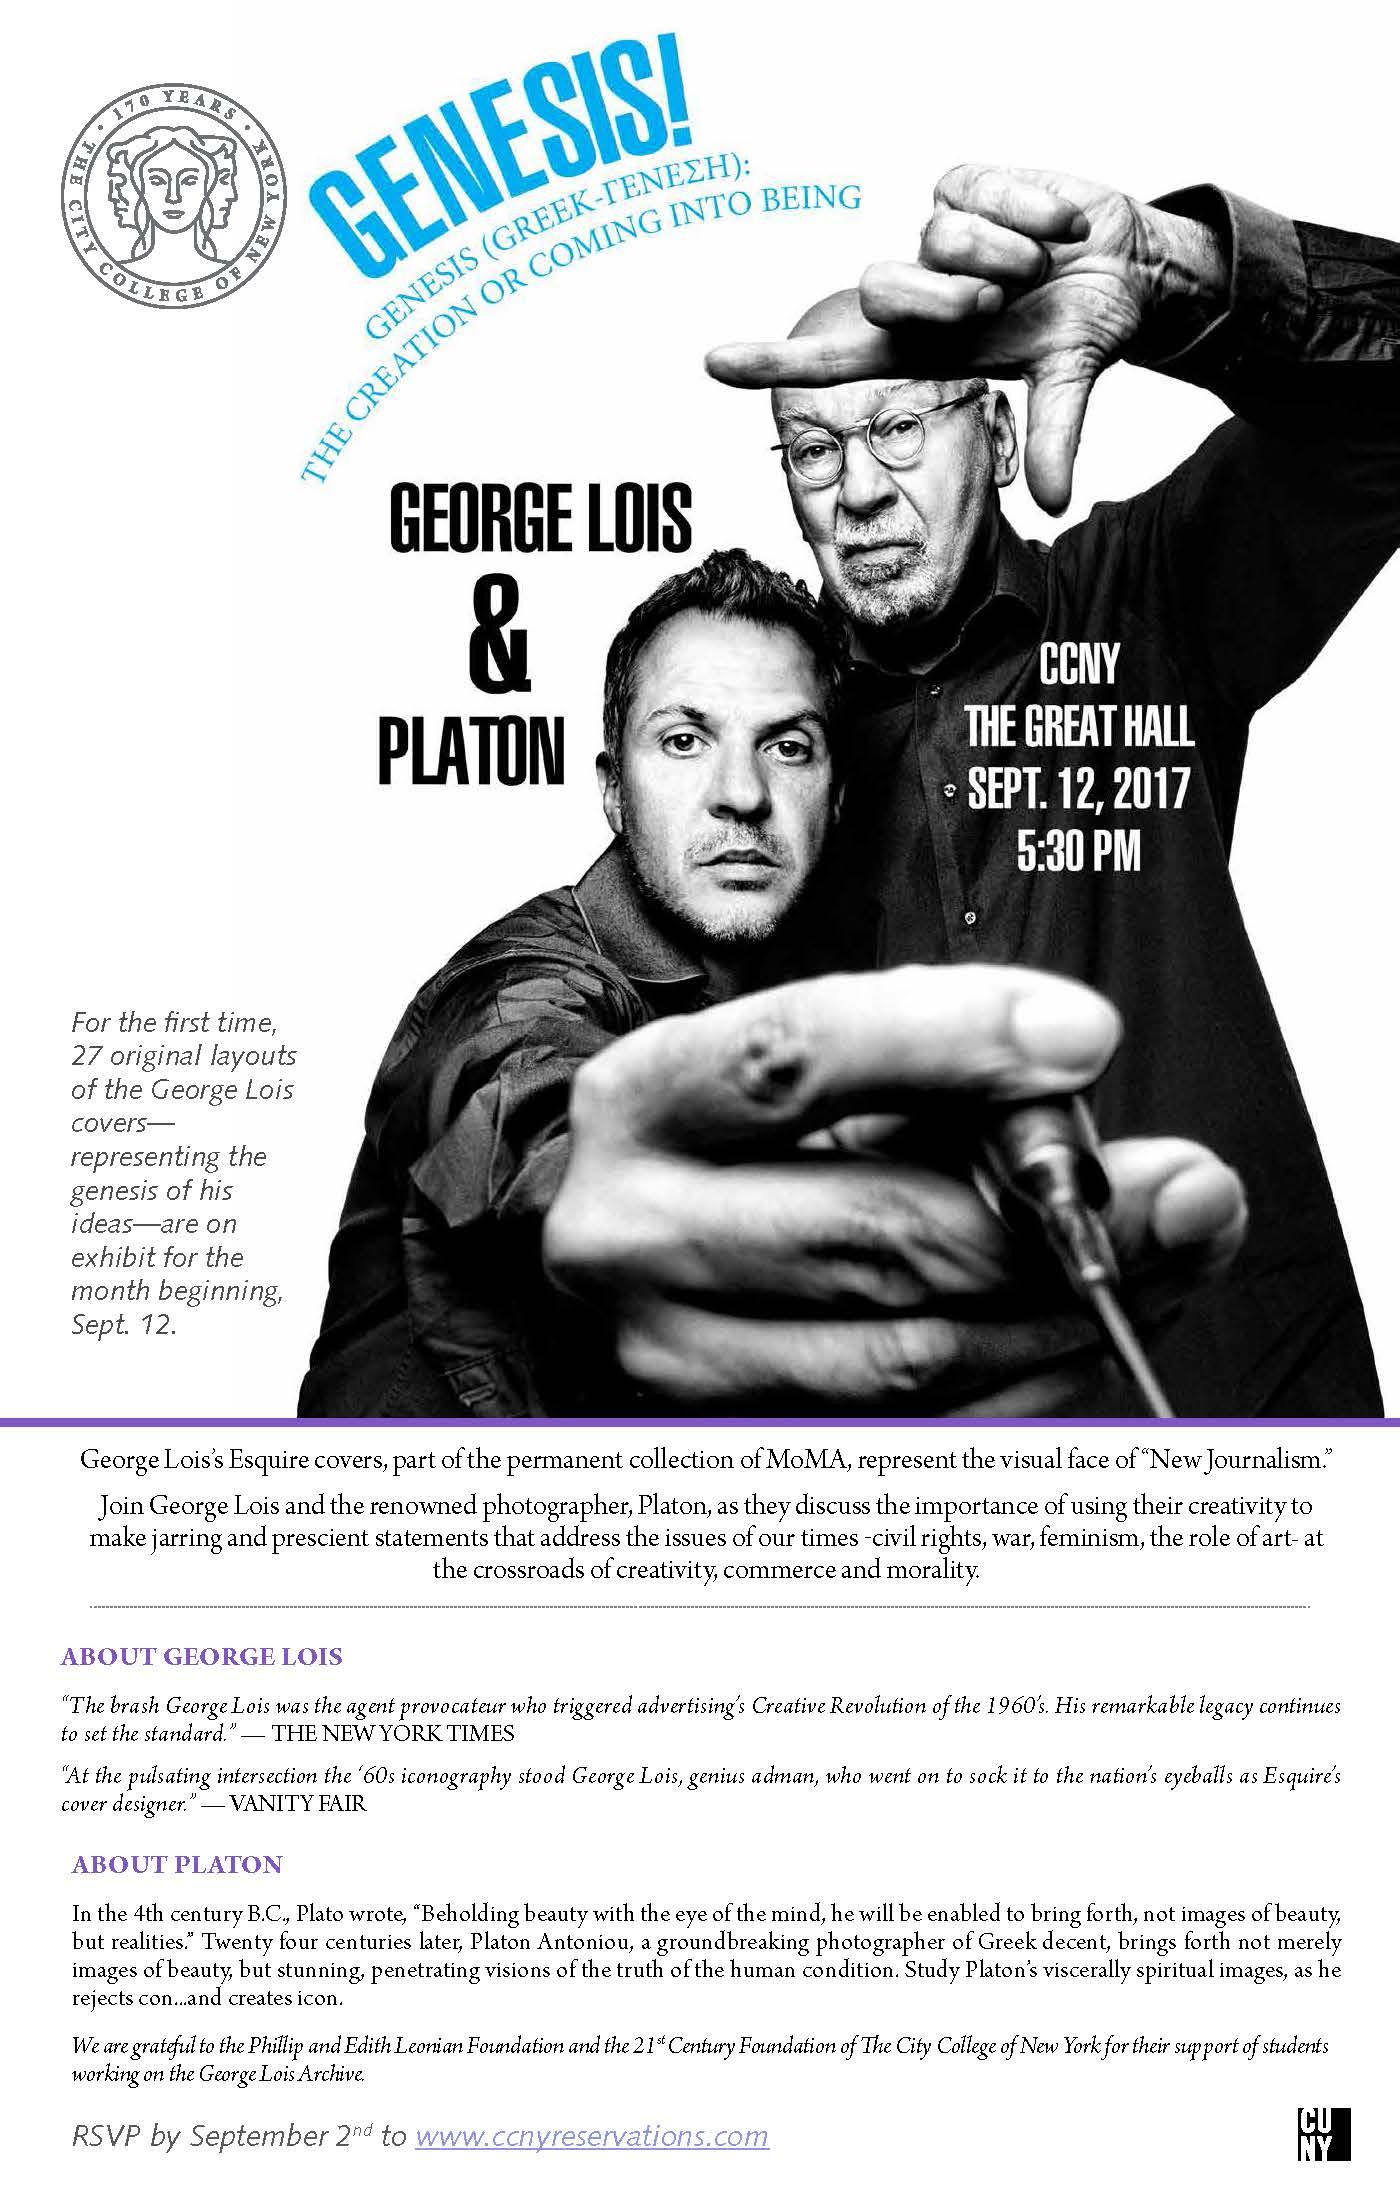 George Lois & Platon